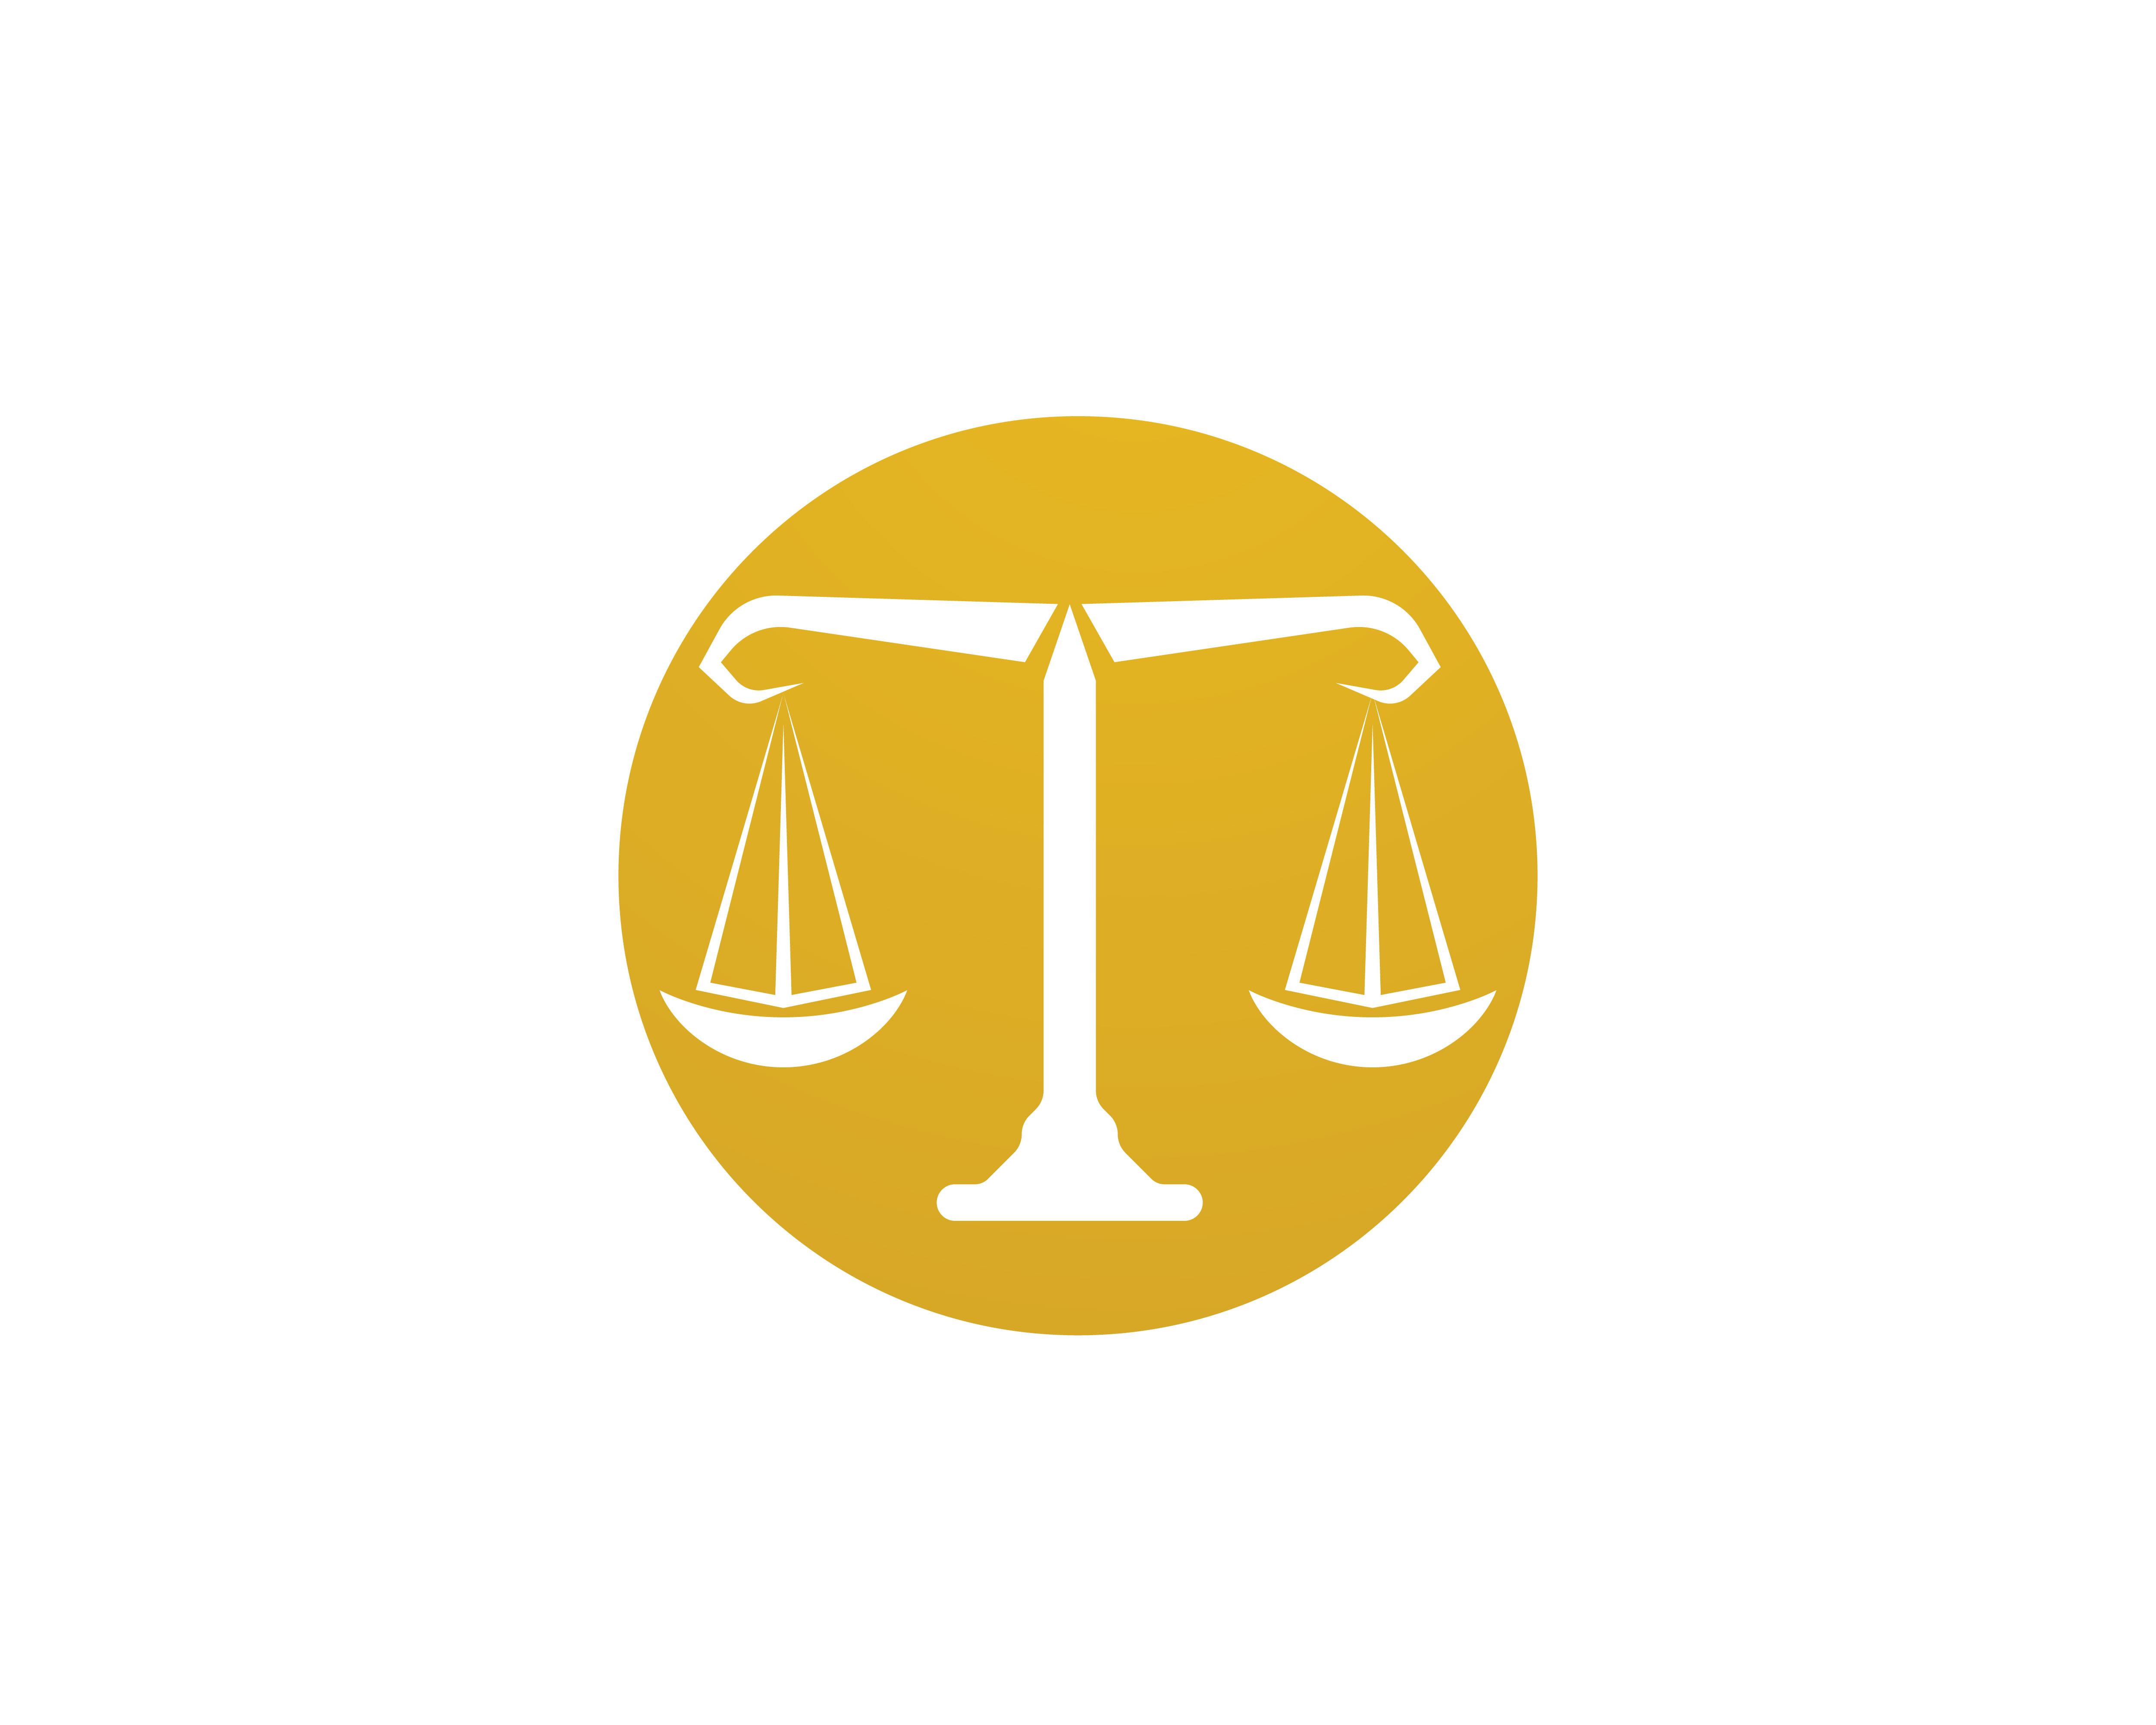 isyurtlari yeni logo